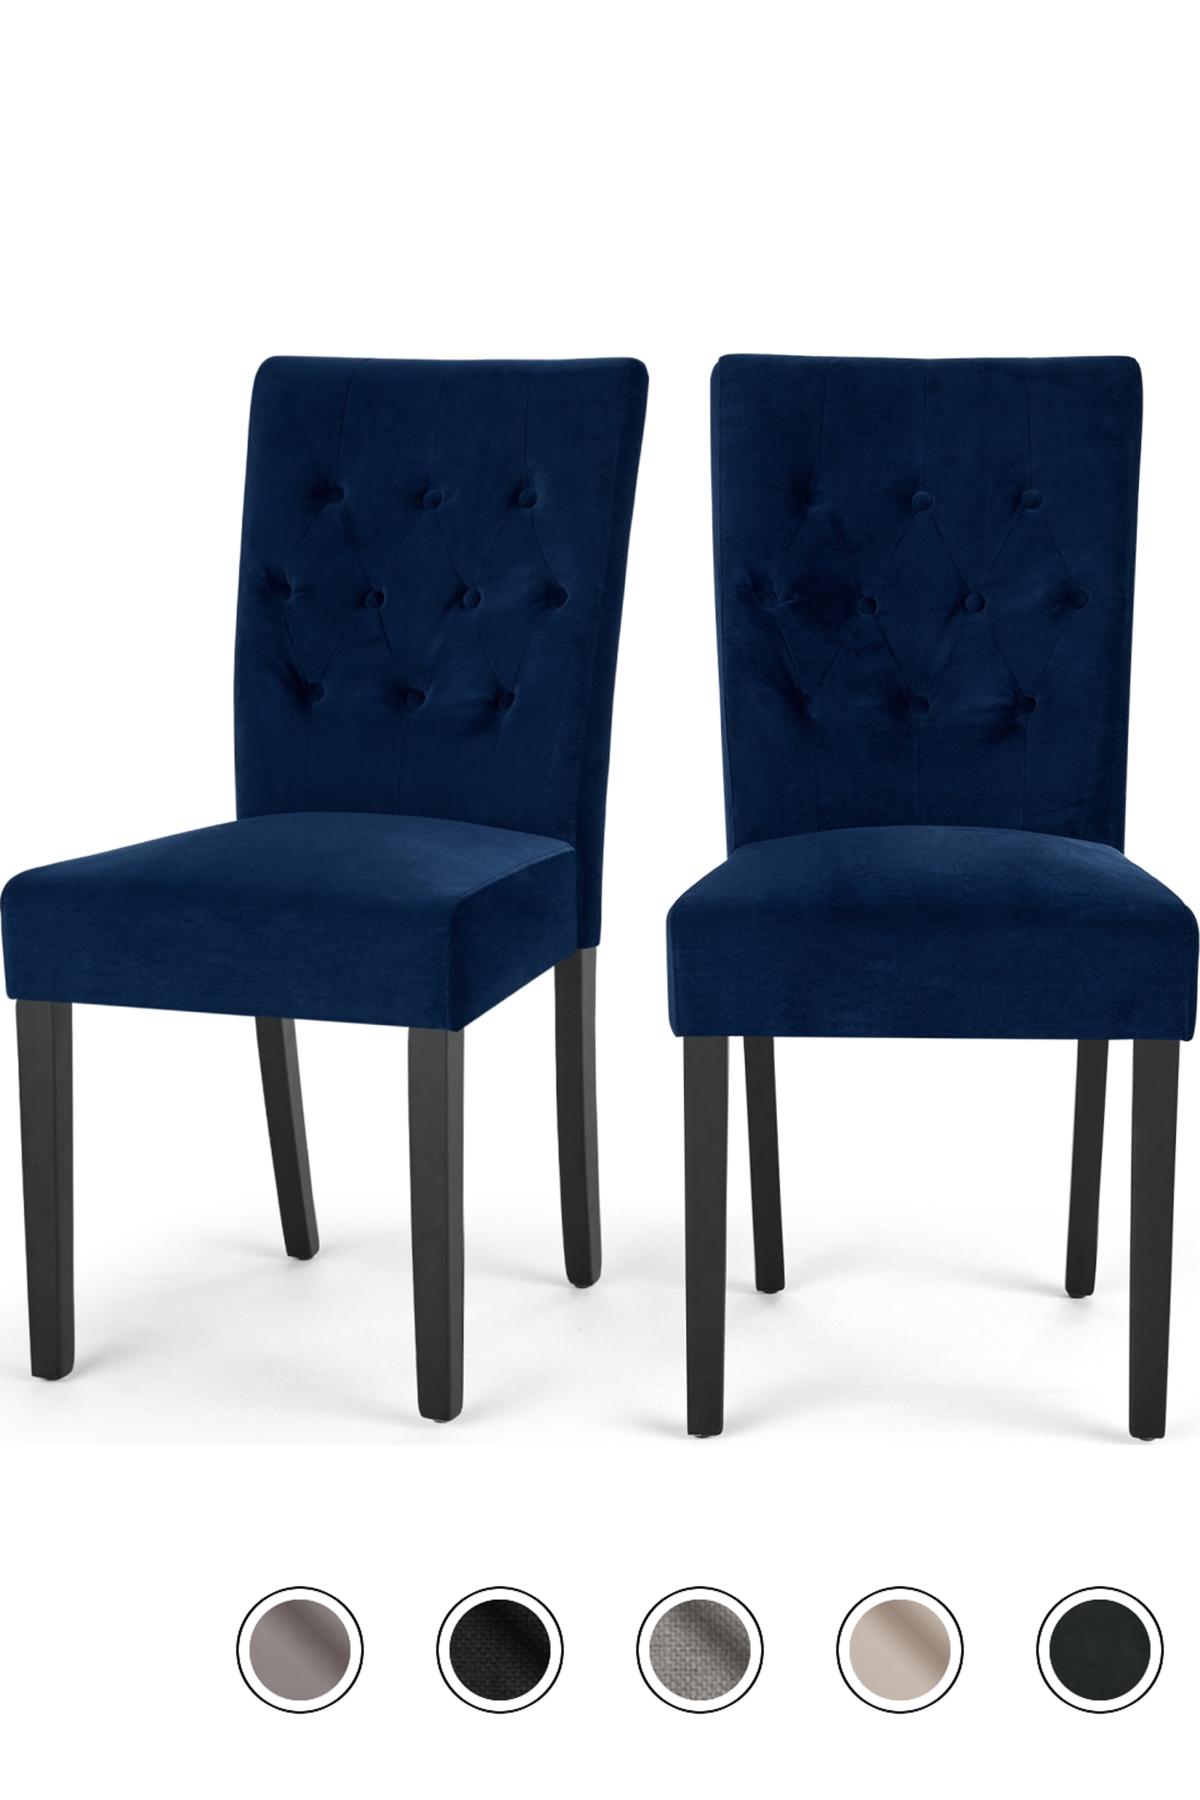 Flynn Set Of 2 Dining Chairs Royal Blue Velvet Dining Chairs Velvet Dining Chairs Blue Dining Chair